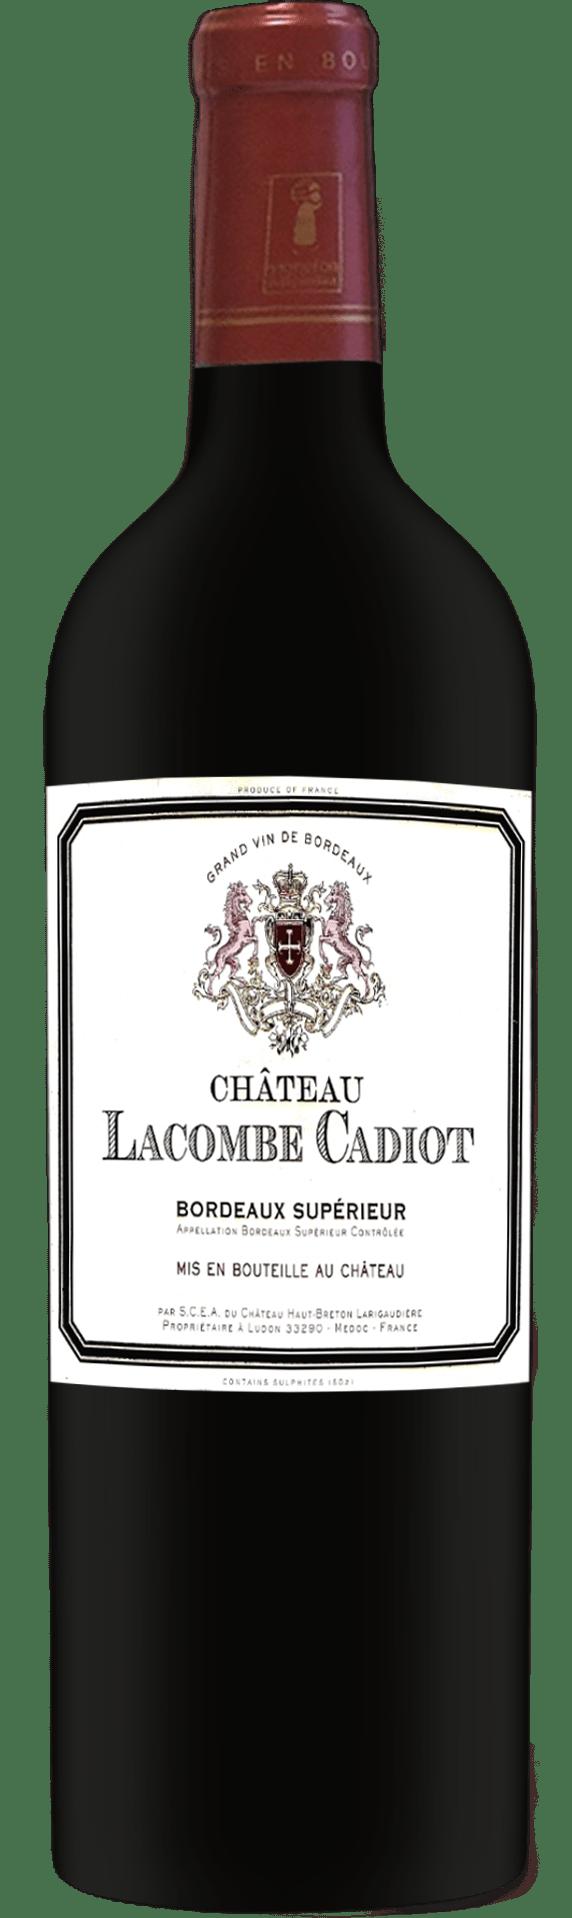 2019 Chateau Lacombe Cadiot Bordeaux Superieur